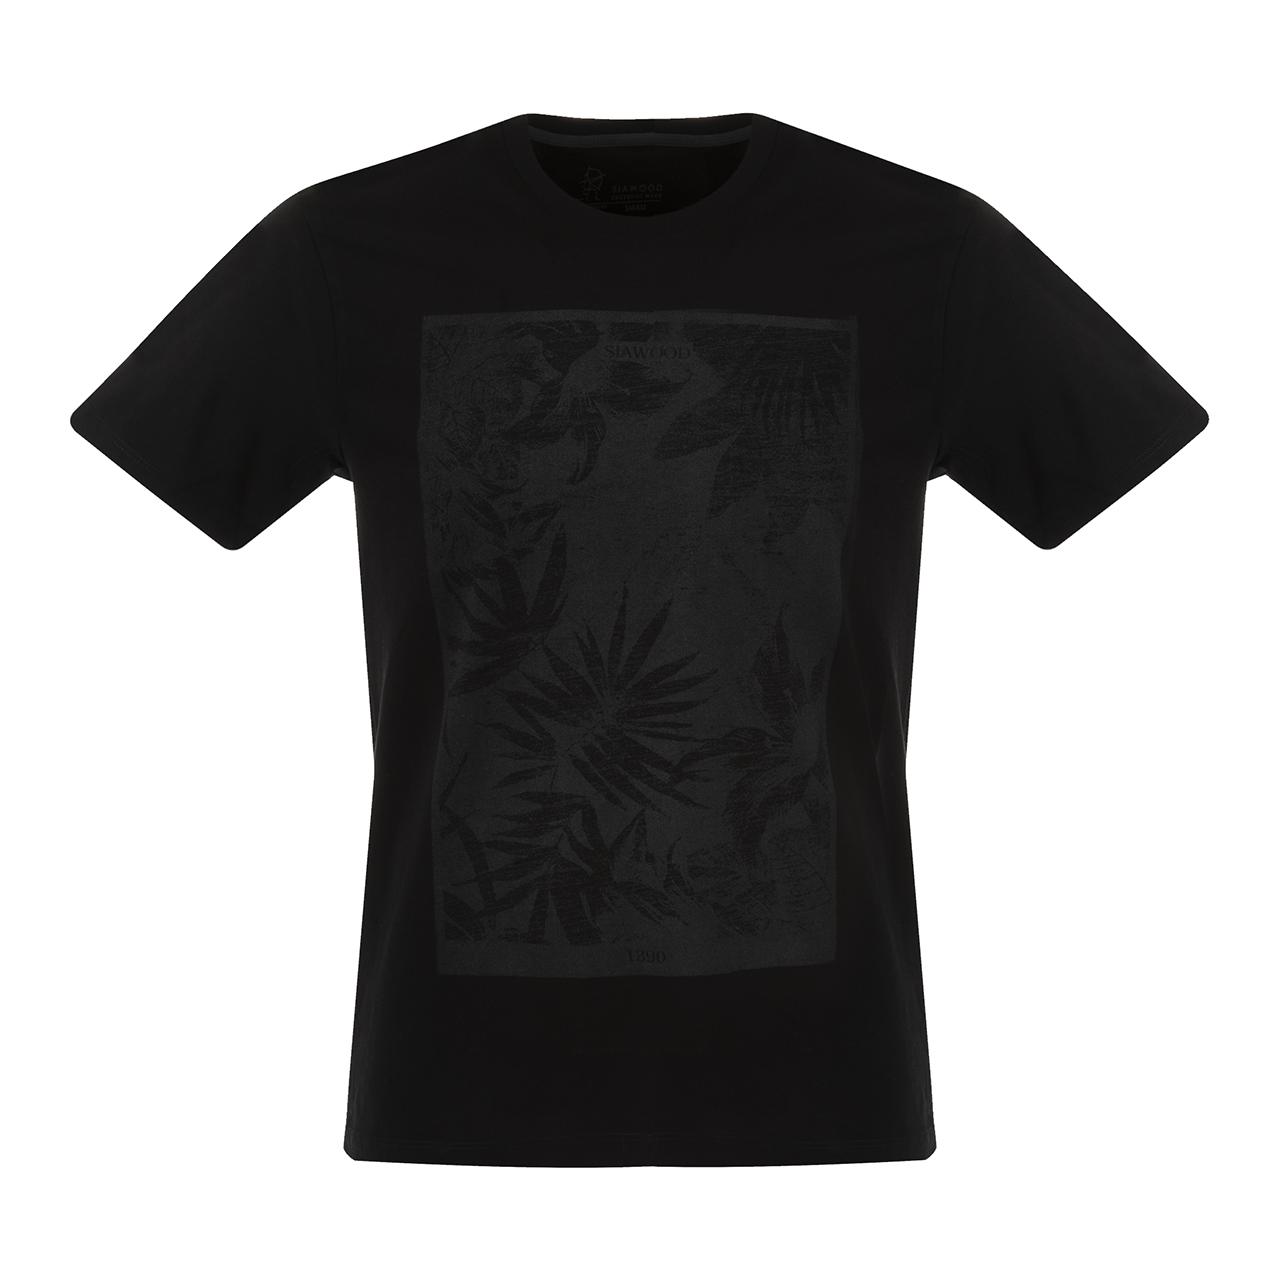 تی شرت مردانه سیاوود مدل CNECK-P1-62815 کد S0006 رنگ مشکی